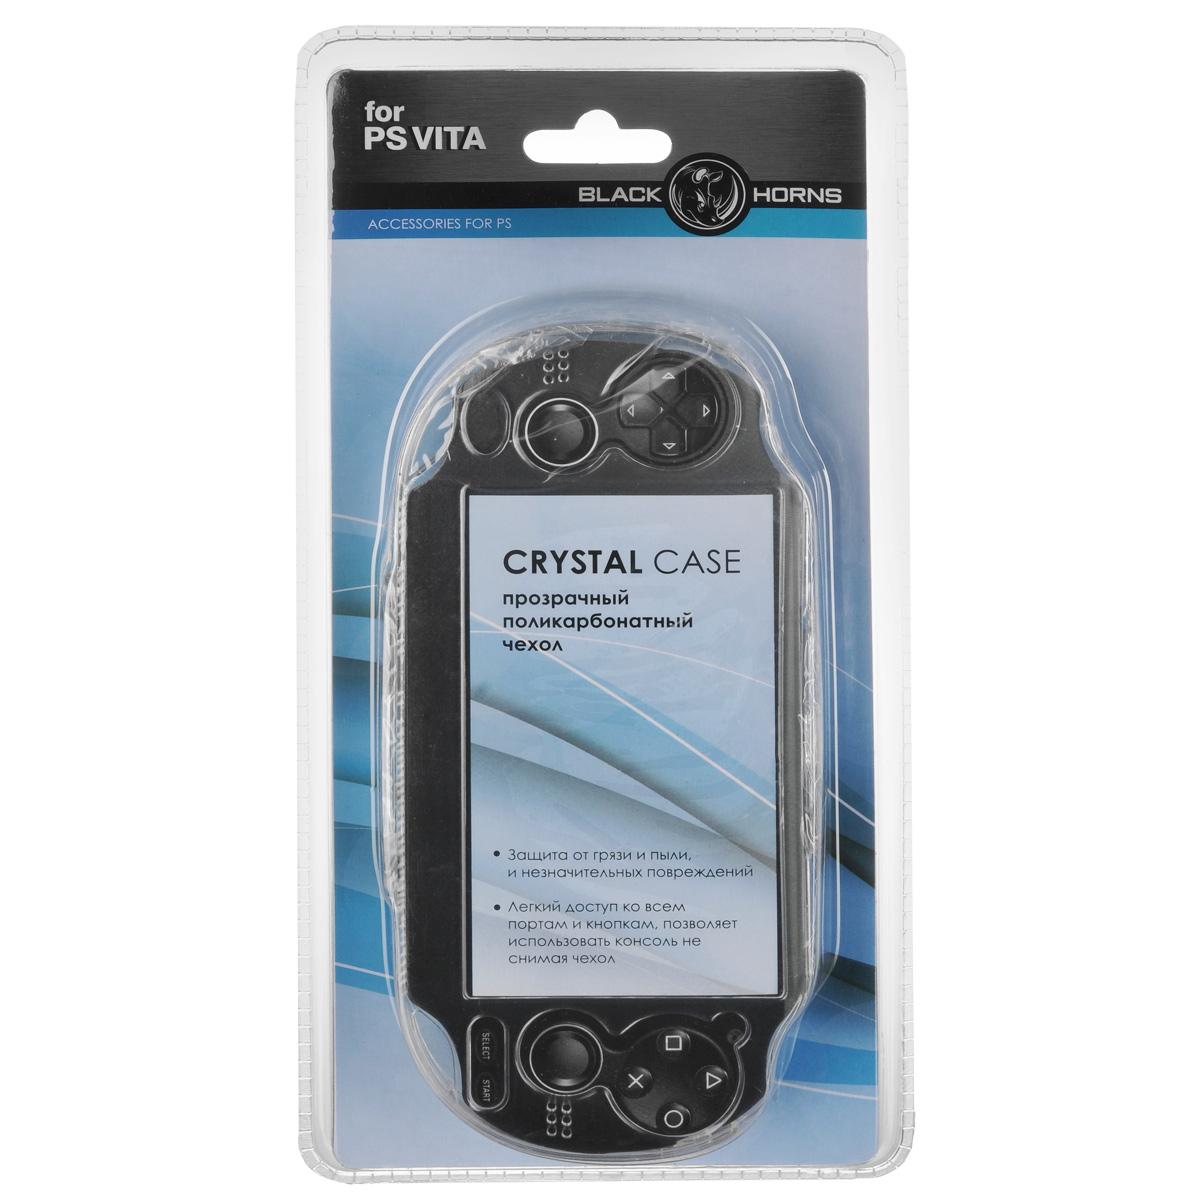 Защитный чехол Black Horns для Sony PS VITA (прозрачный)BH-PSV0202(R)Защитный чехолBlack Horns для Sony PS VITA - стильная и надежная защита из высококачественного материала. Чехол надежно защитит вашу приставку от внешних воздействий, грязи, царапин и потертостей. Чехол легко надевается и снимается, совместим со всеми версиями консоли PS Vita и картами памяти. Легкий доступ ко всем портам и кнопкам позволяет использовать консоль не снимая чехол.